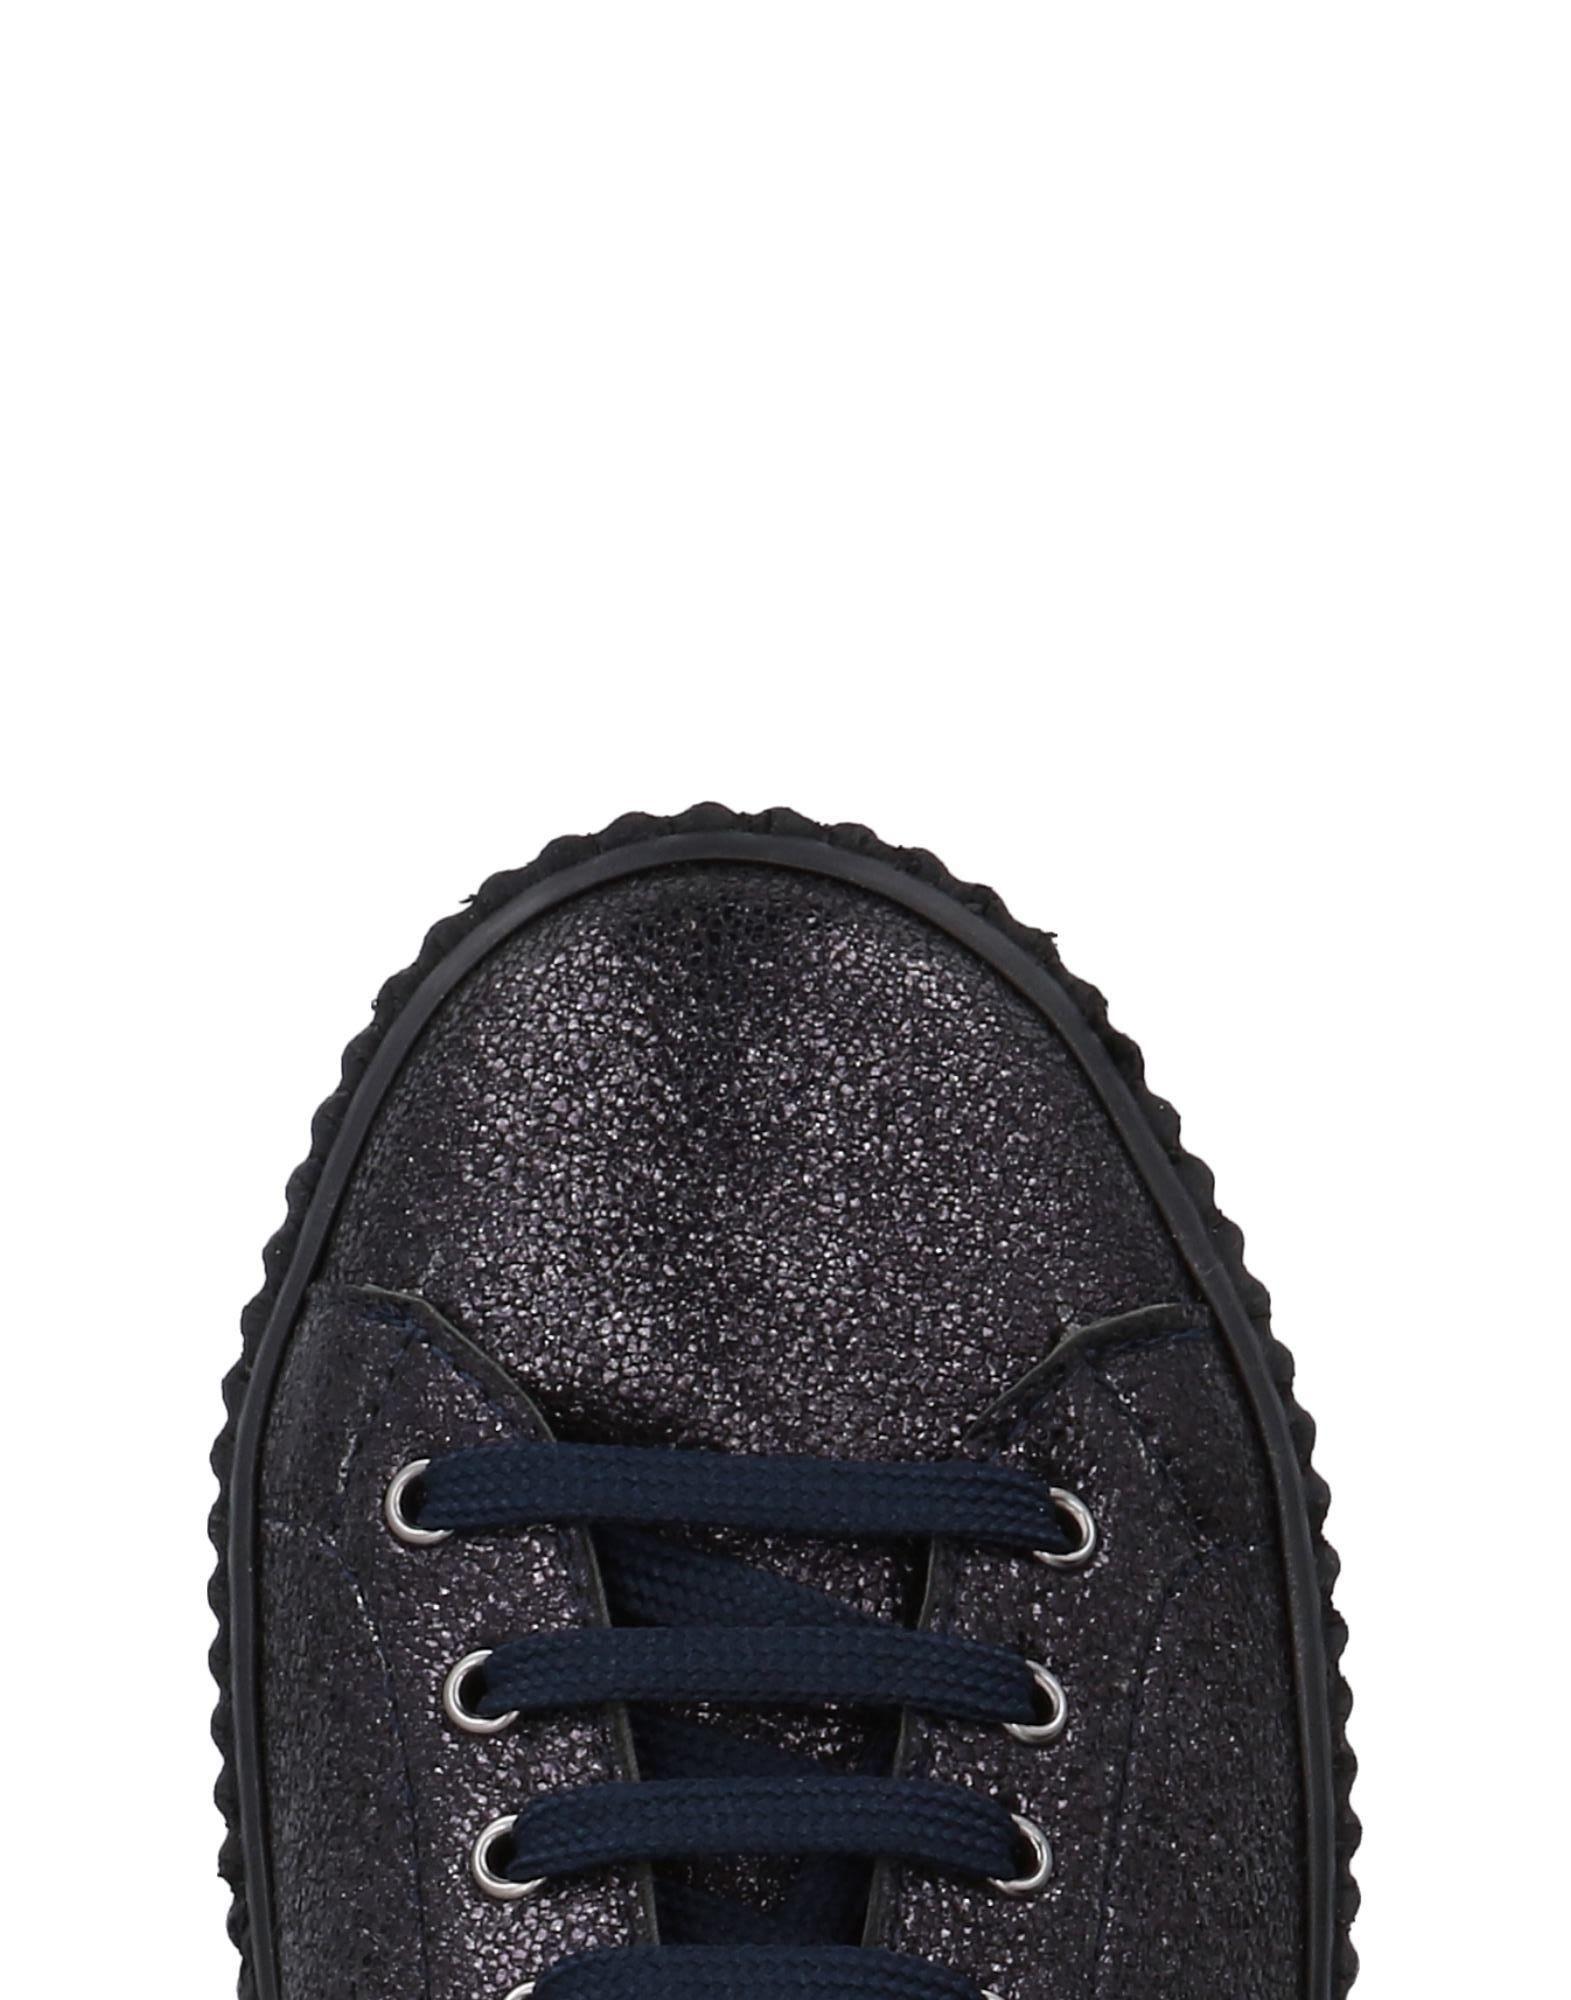 Silvian Heach Sneakers Damen beliebte  11498882DV Gute Qualität beliebte Damen Schuhe 75f7ea